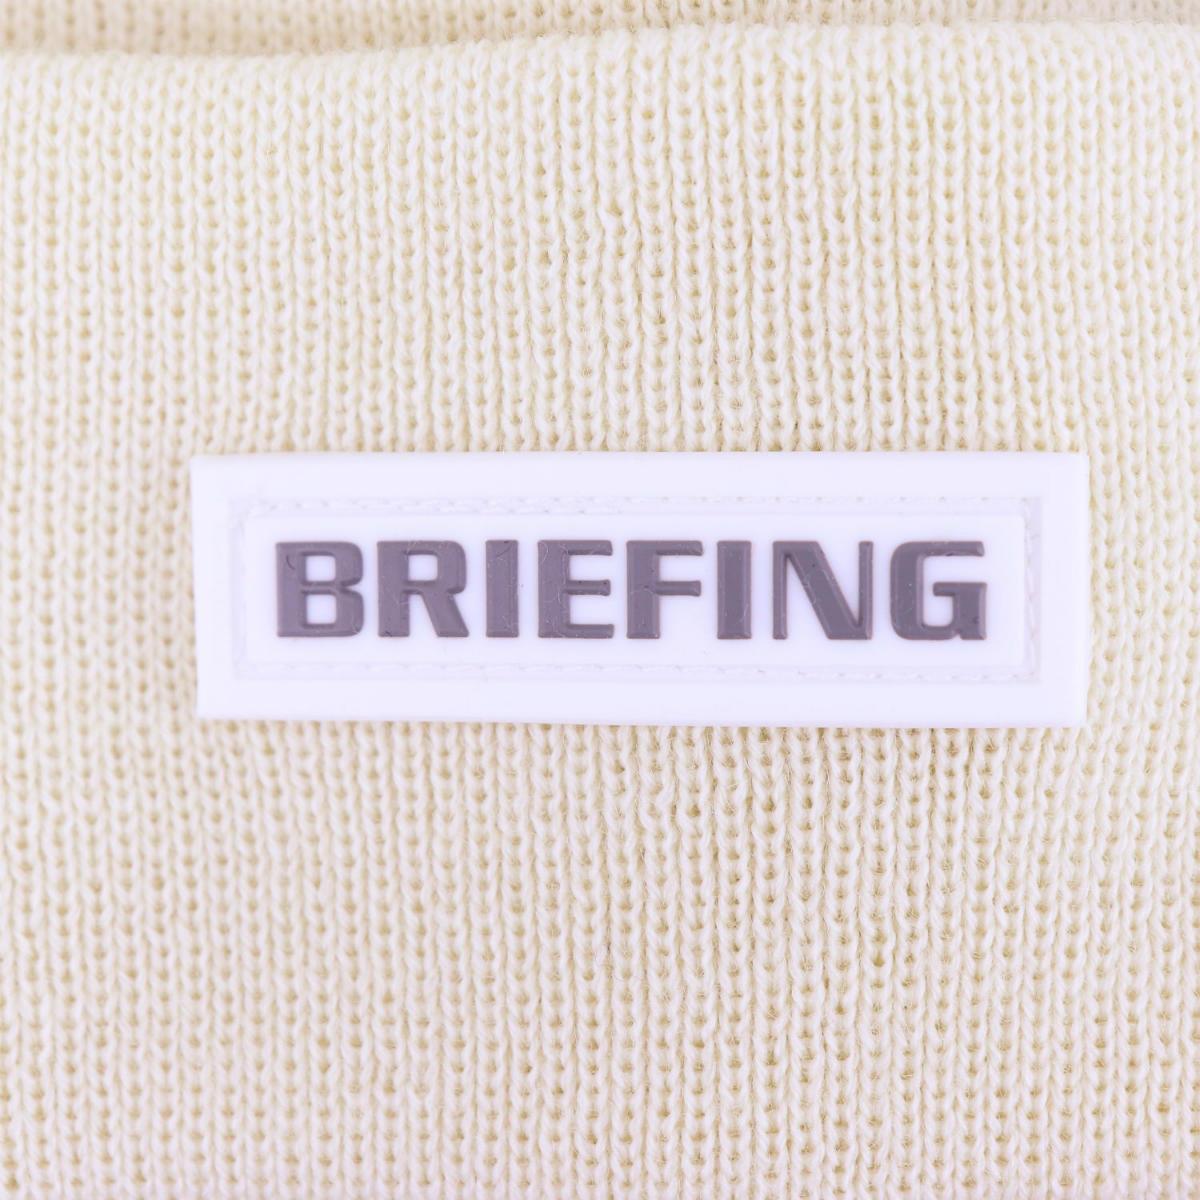 2020-21年秋冬新作 国内正規品 BRIEFING GOLF ブリーフィングゴルフ ウールビーニー MS WOOL BIENIE BRG203M640 000 WHITE(ホワイト)